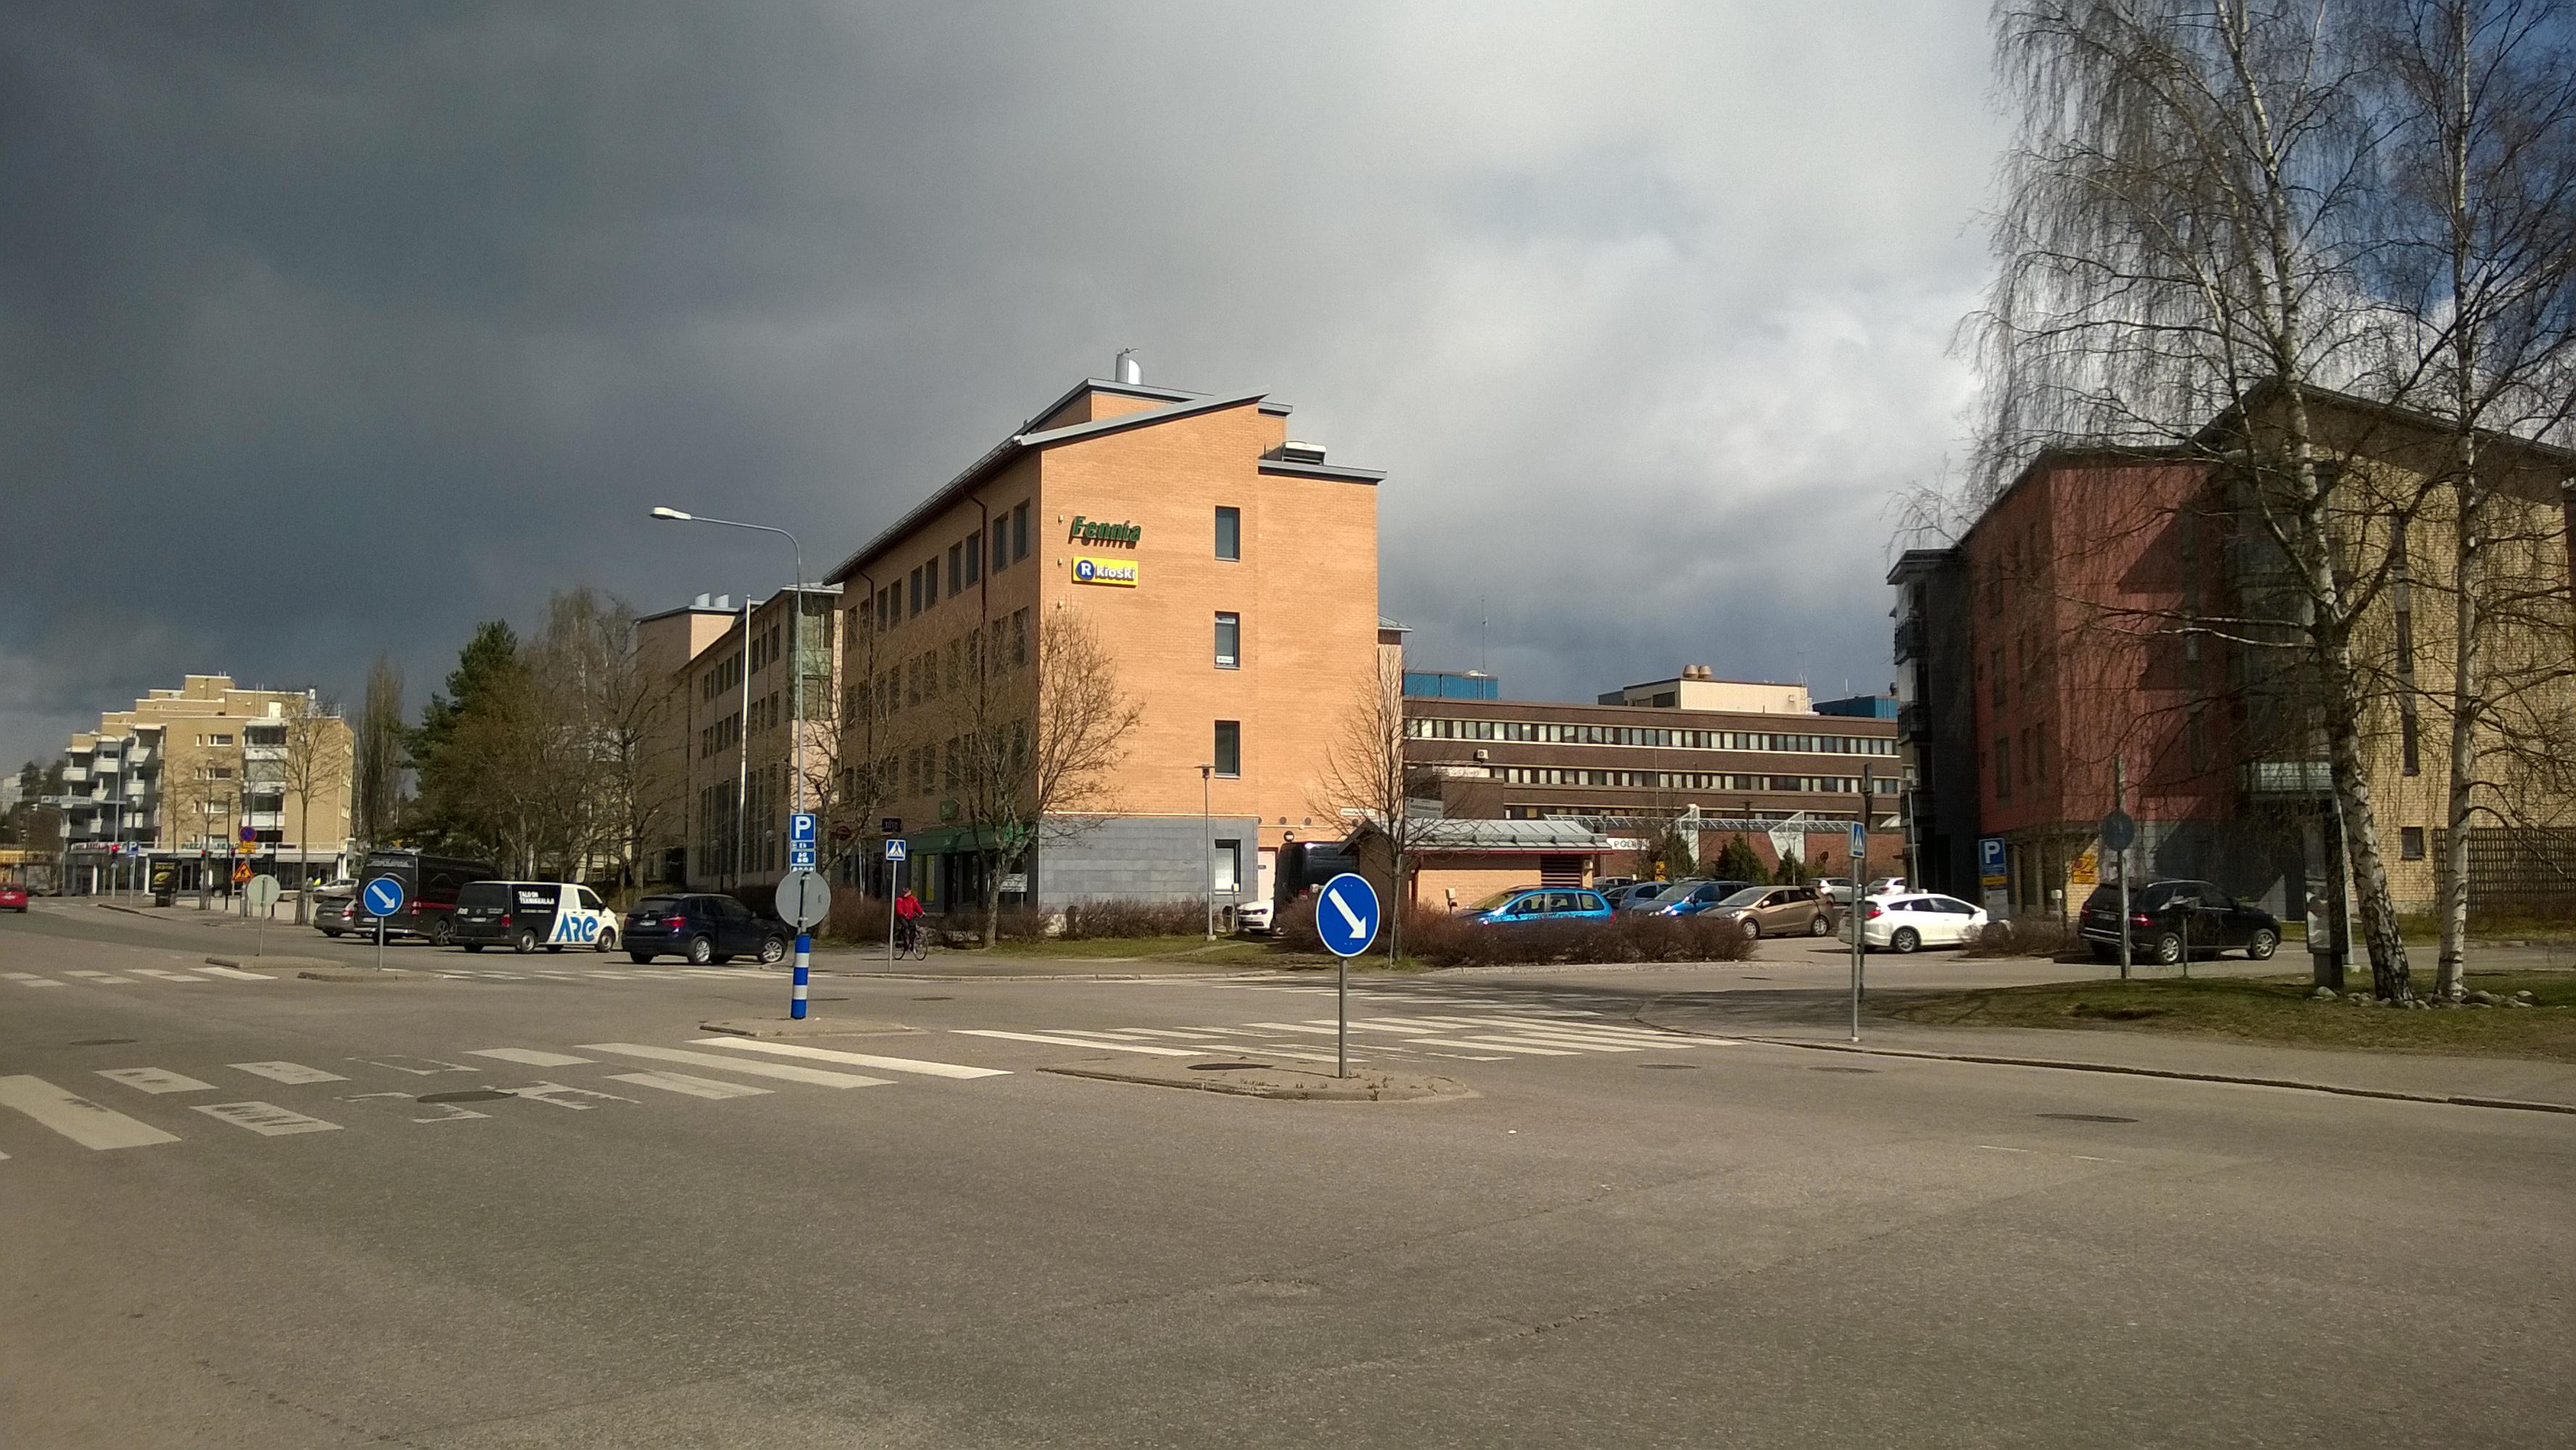 Yhteiskouluntie 17 Järvenpää